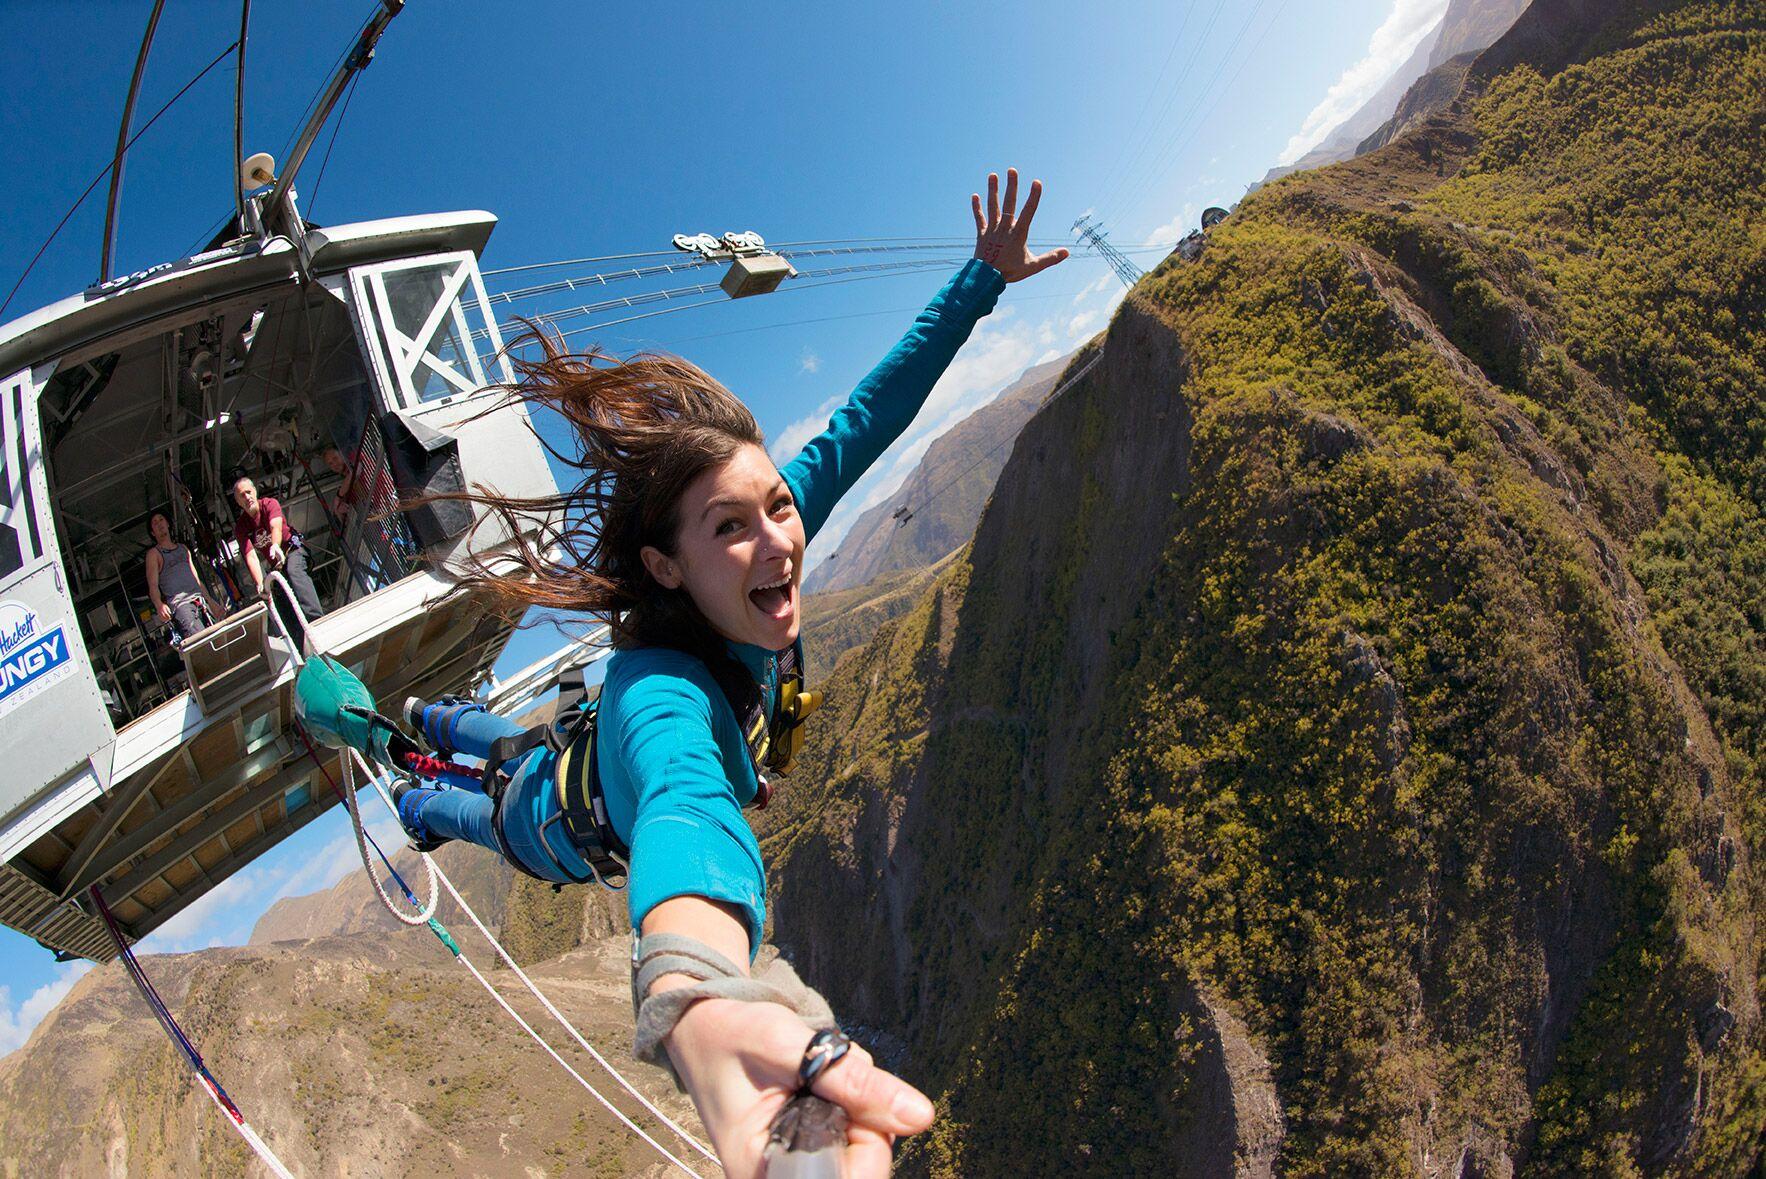 Le nostre migliori attività di avventura 5 in Nuova Zelanda